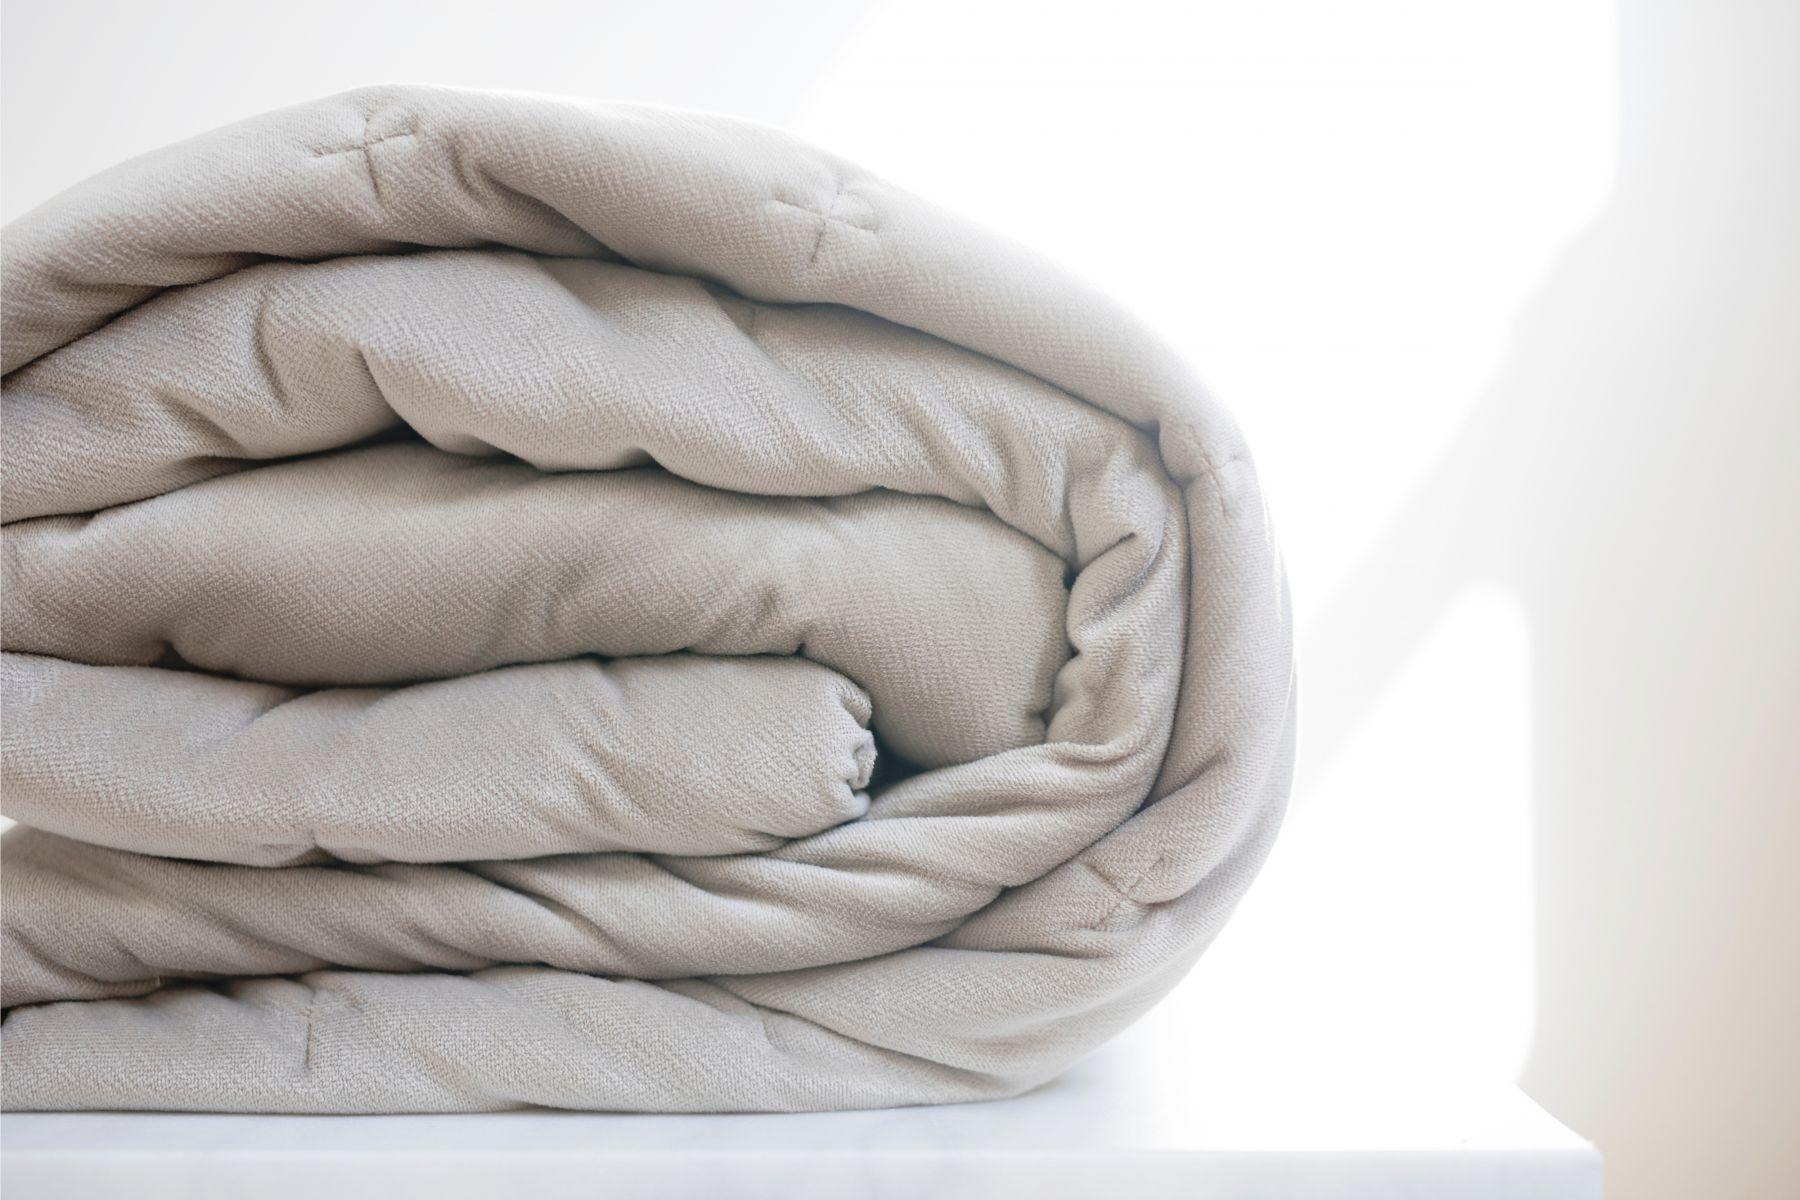 先蓋毛毯、還是蓋棉被?哪種材質最保暖?專家教你「三明治蓋被法」超溫暖